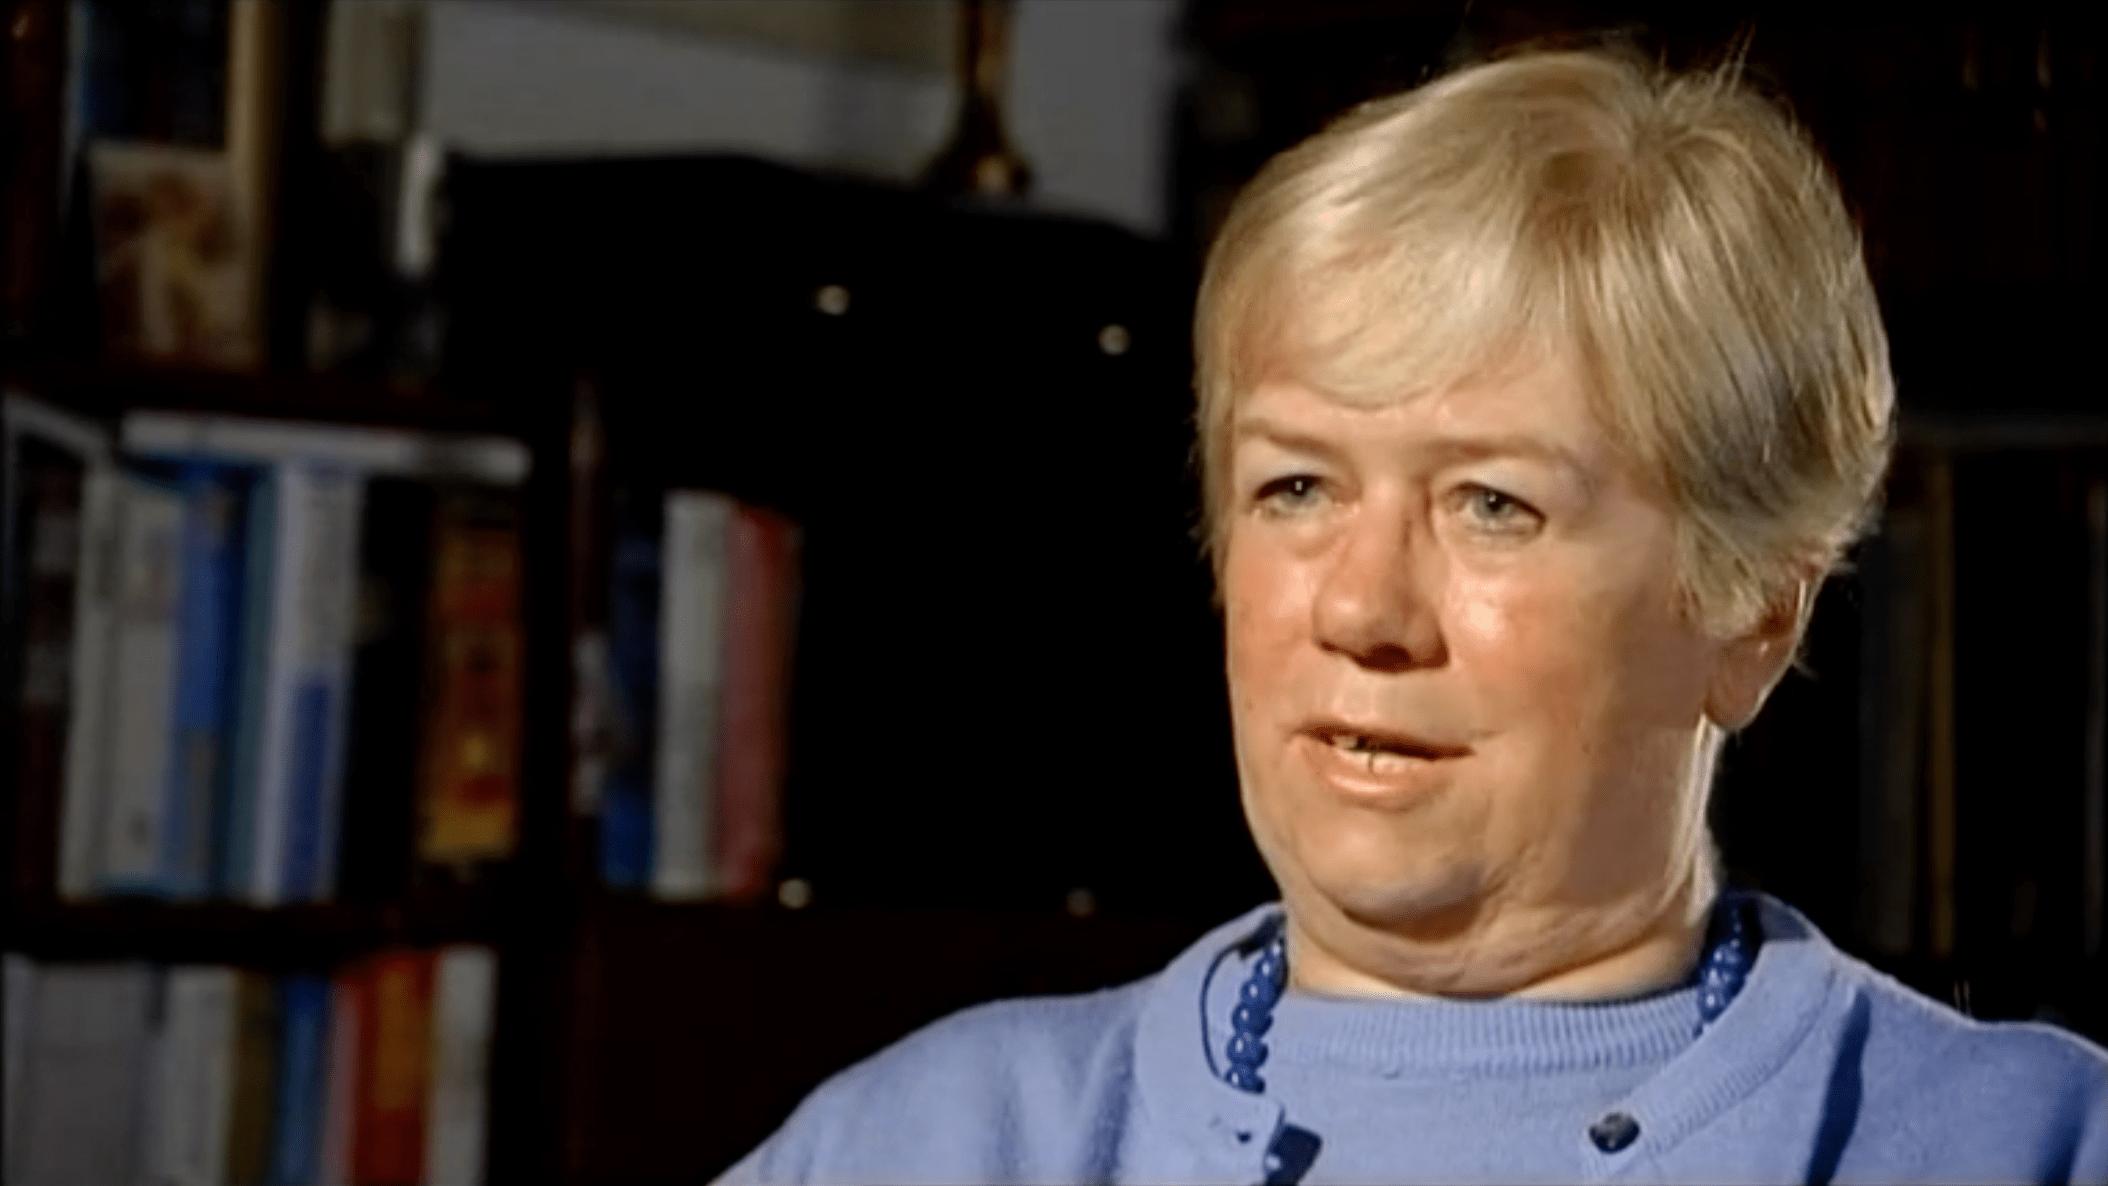 Zeitzeugeninterview Elisabeth Proels